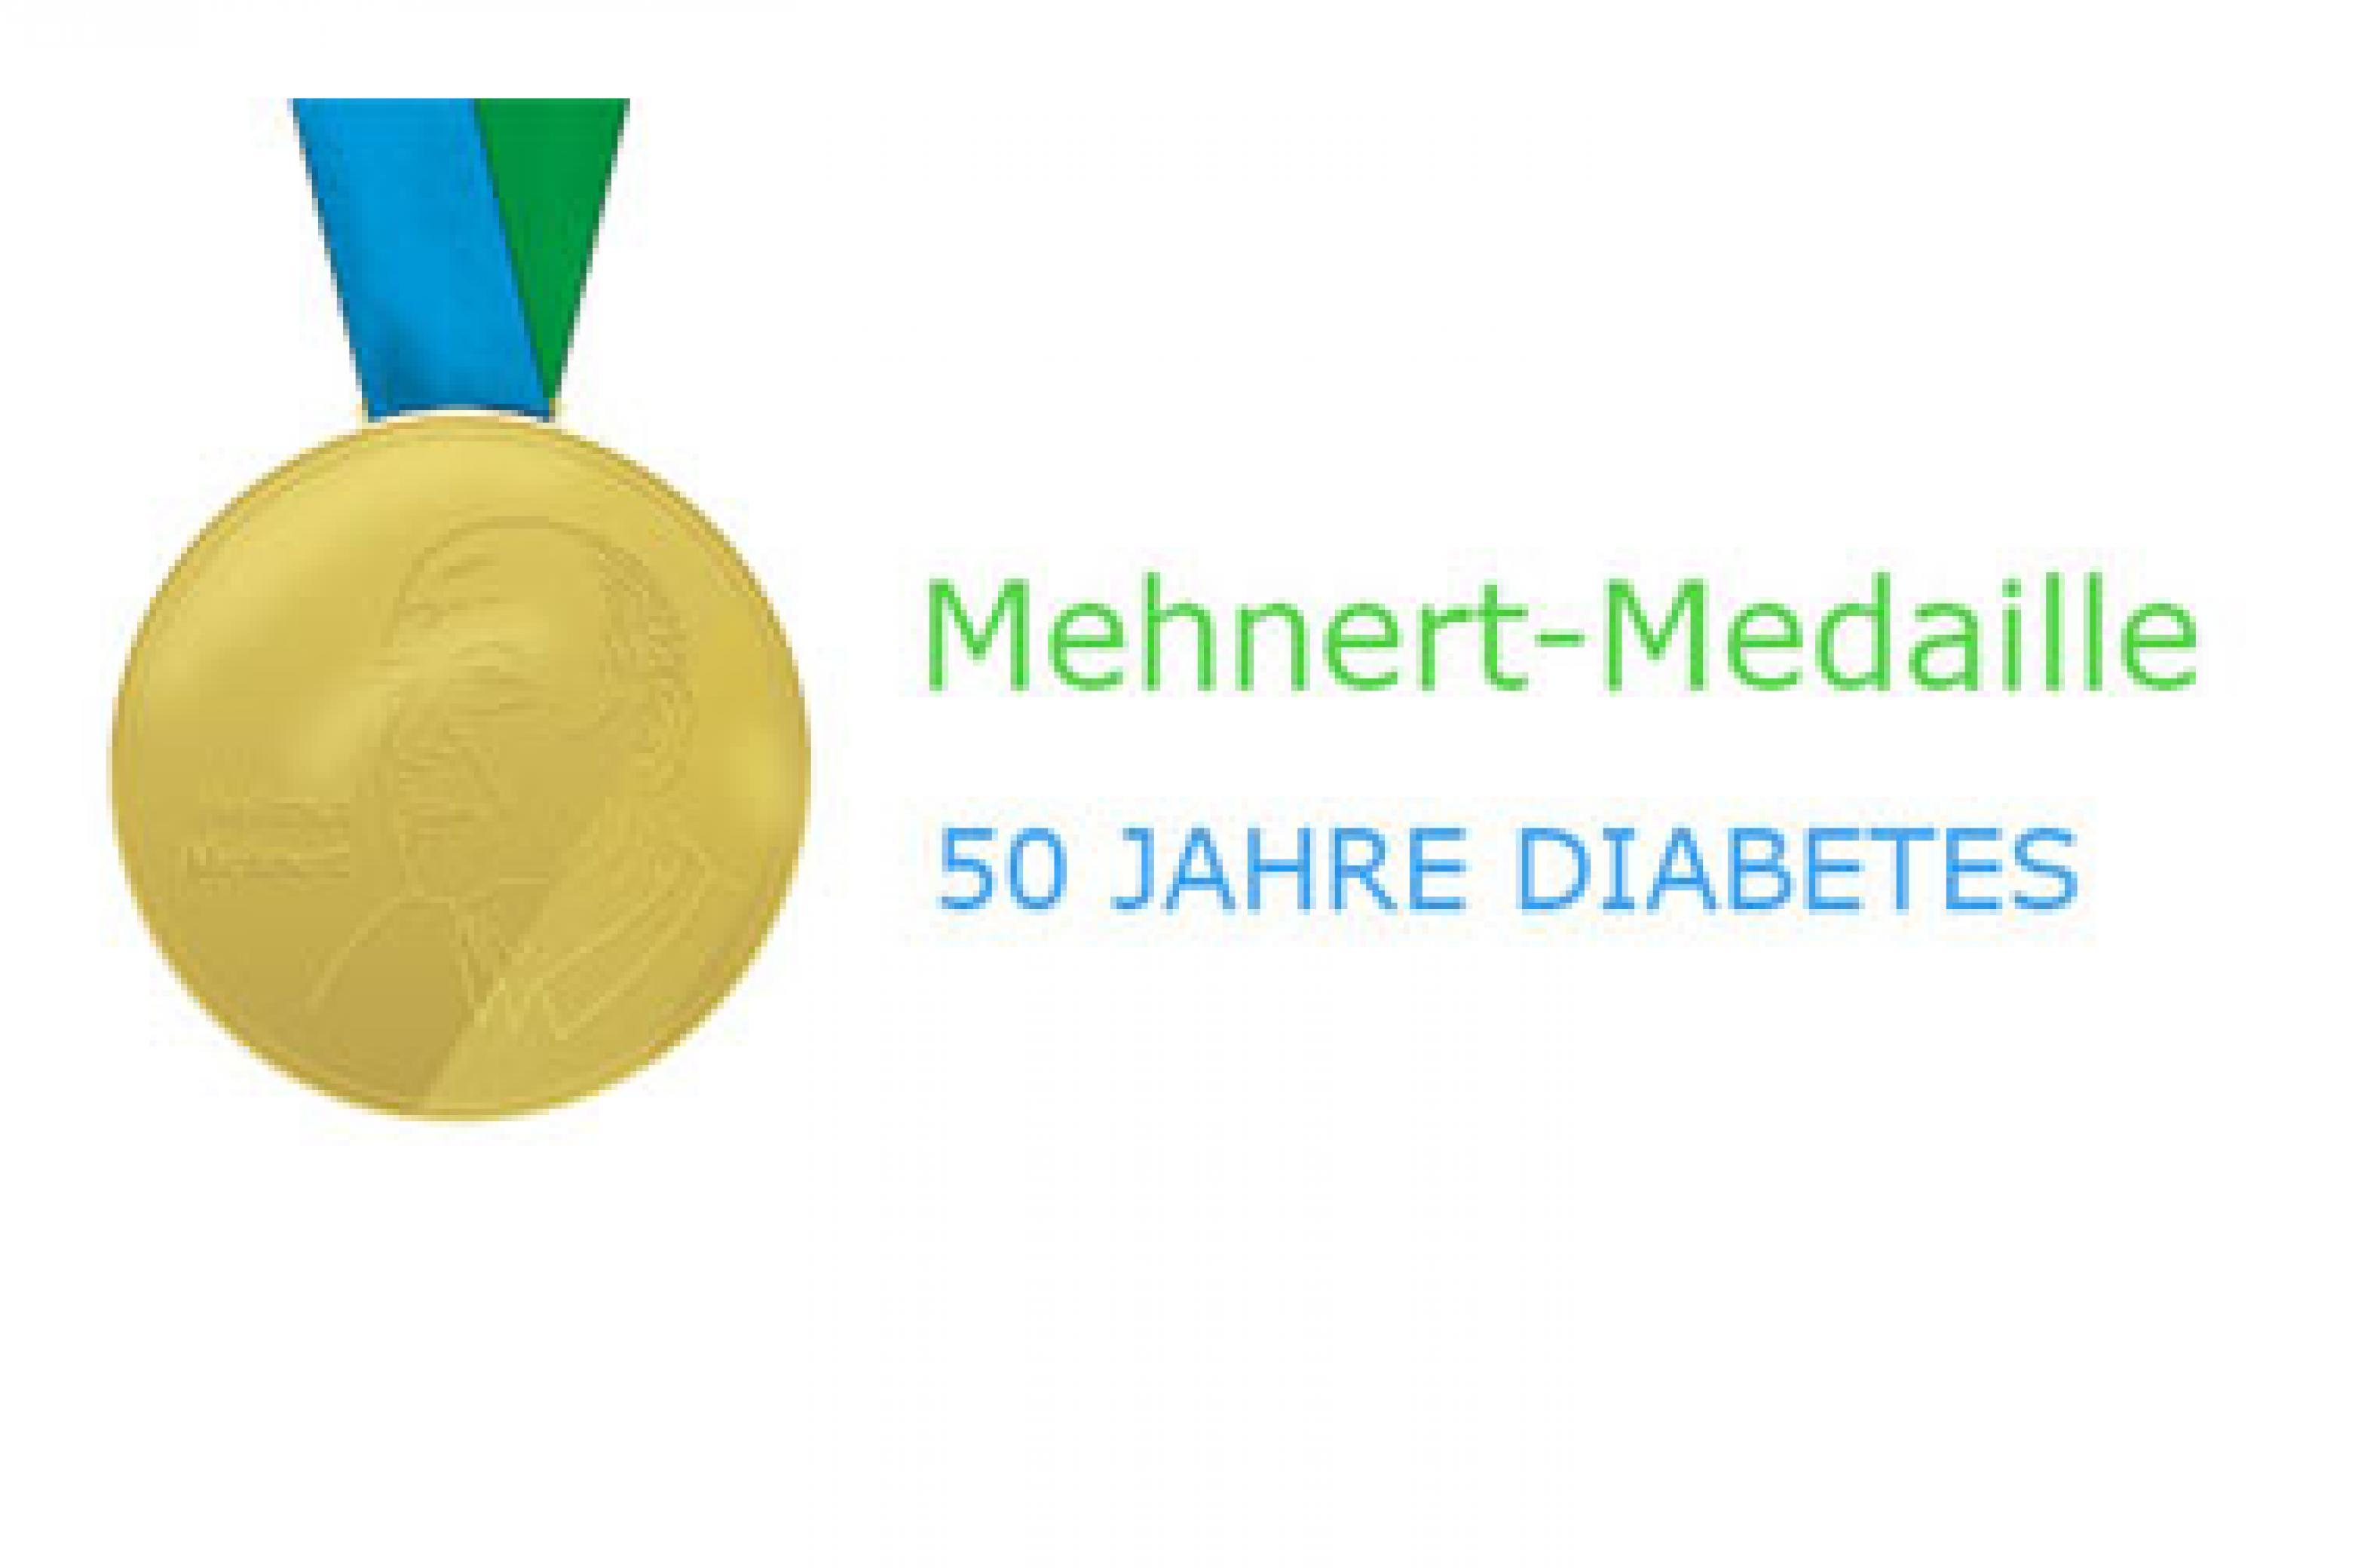 Mehnert-Medaille Teaser Startseite